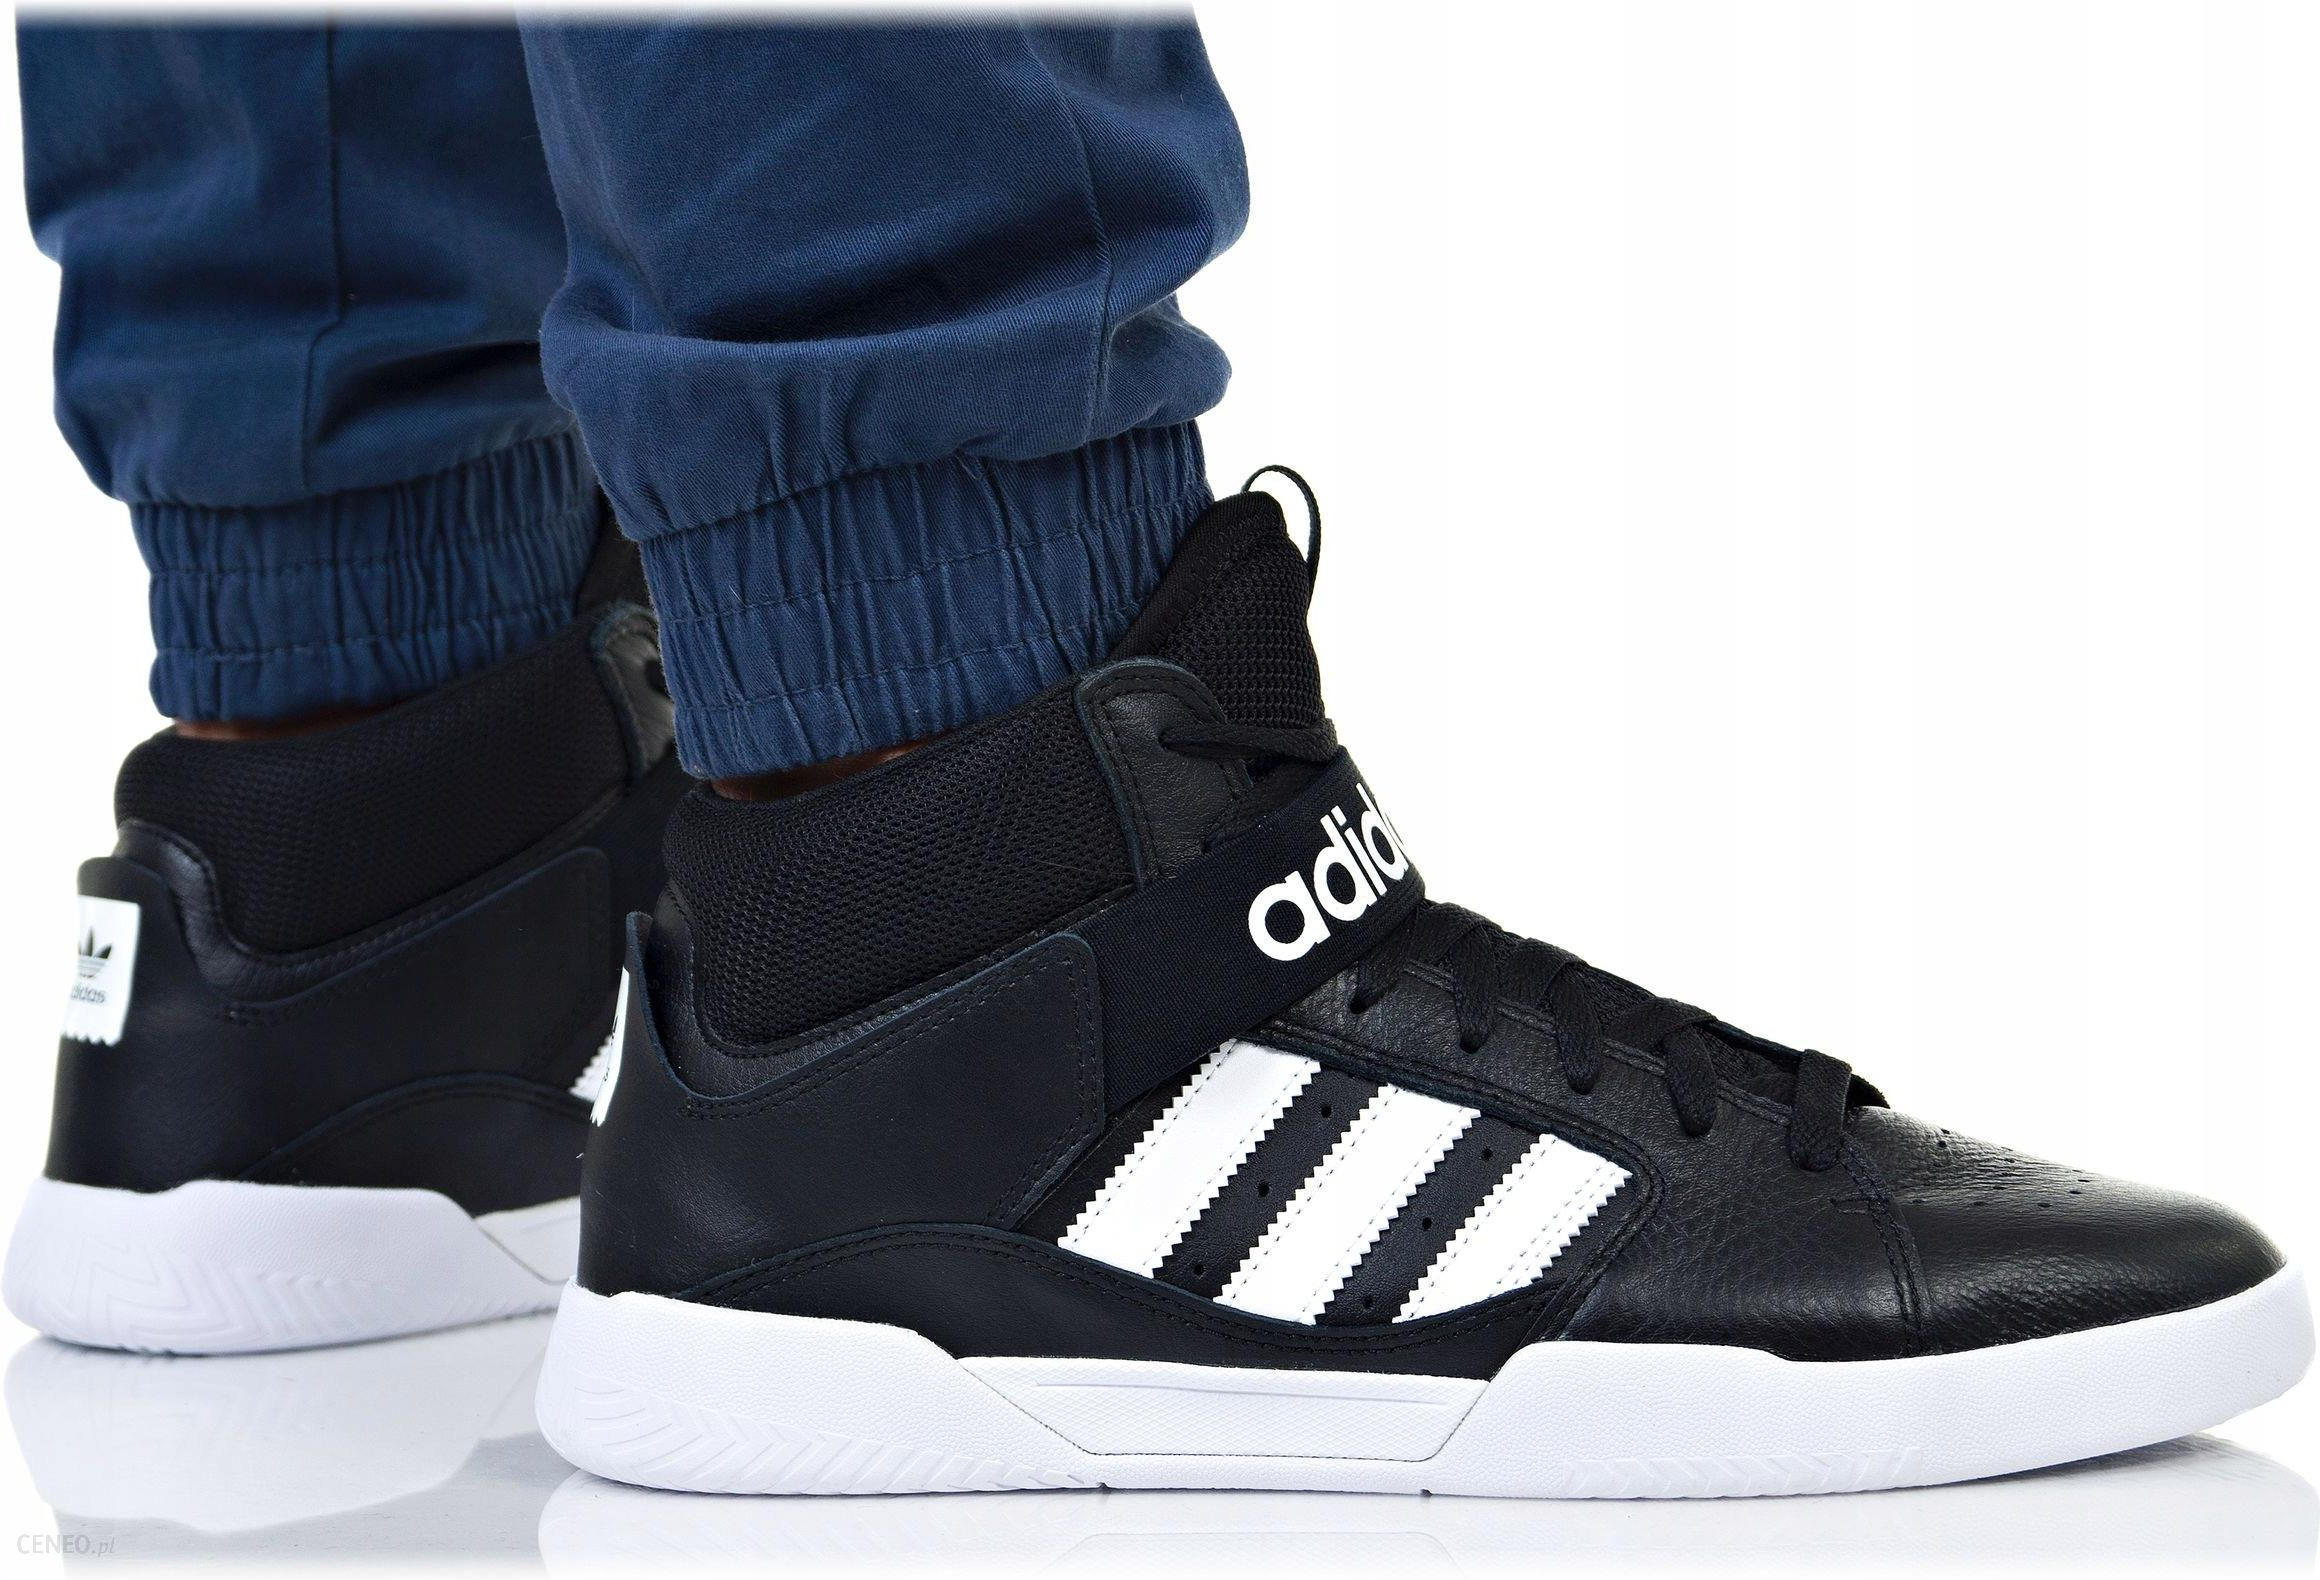 Sportowe #Męskie #Adidas #Czarne #Buty #Adidas #Vrx #Cup